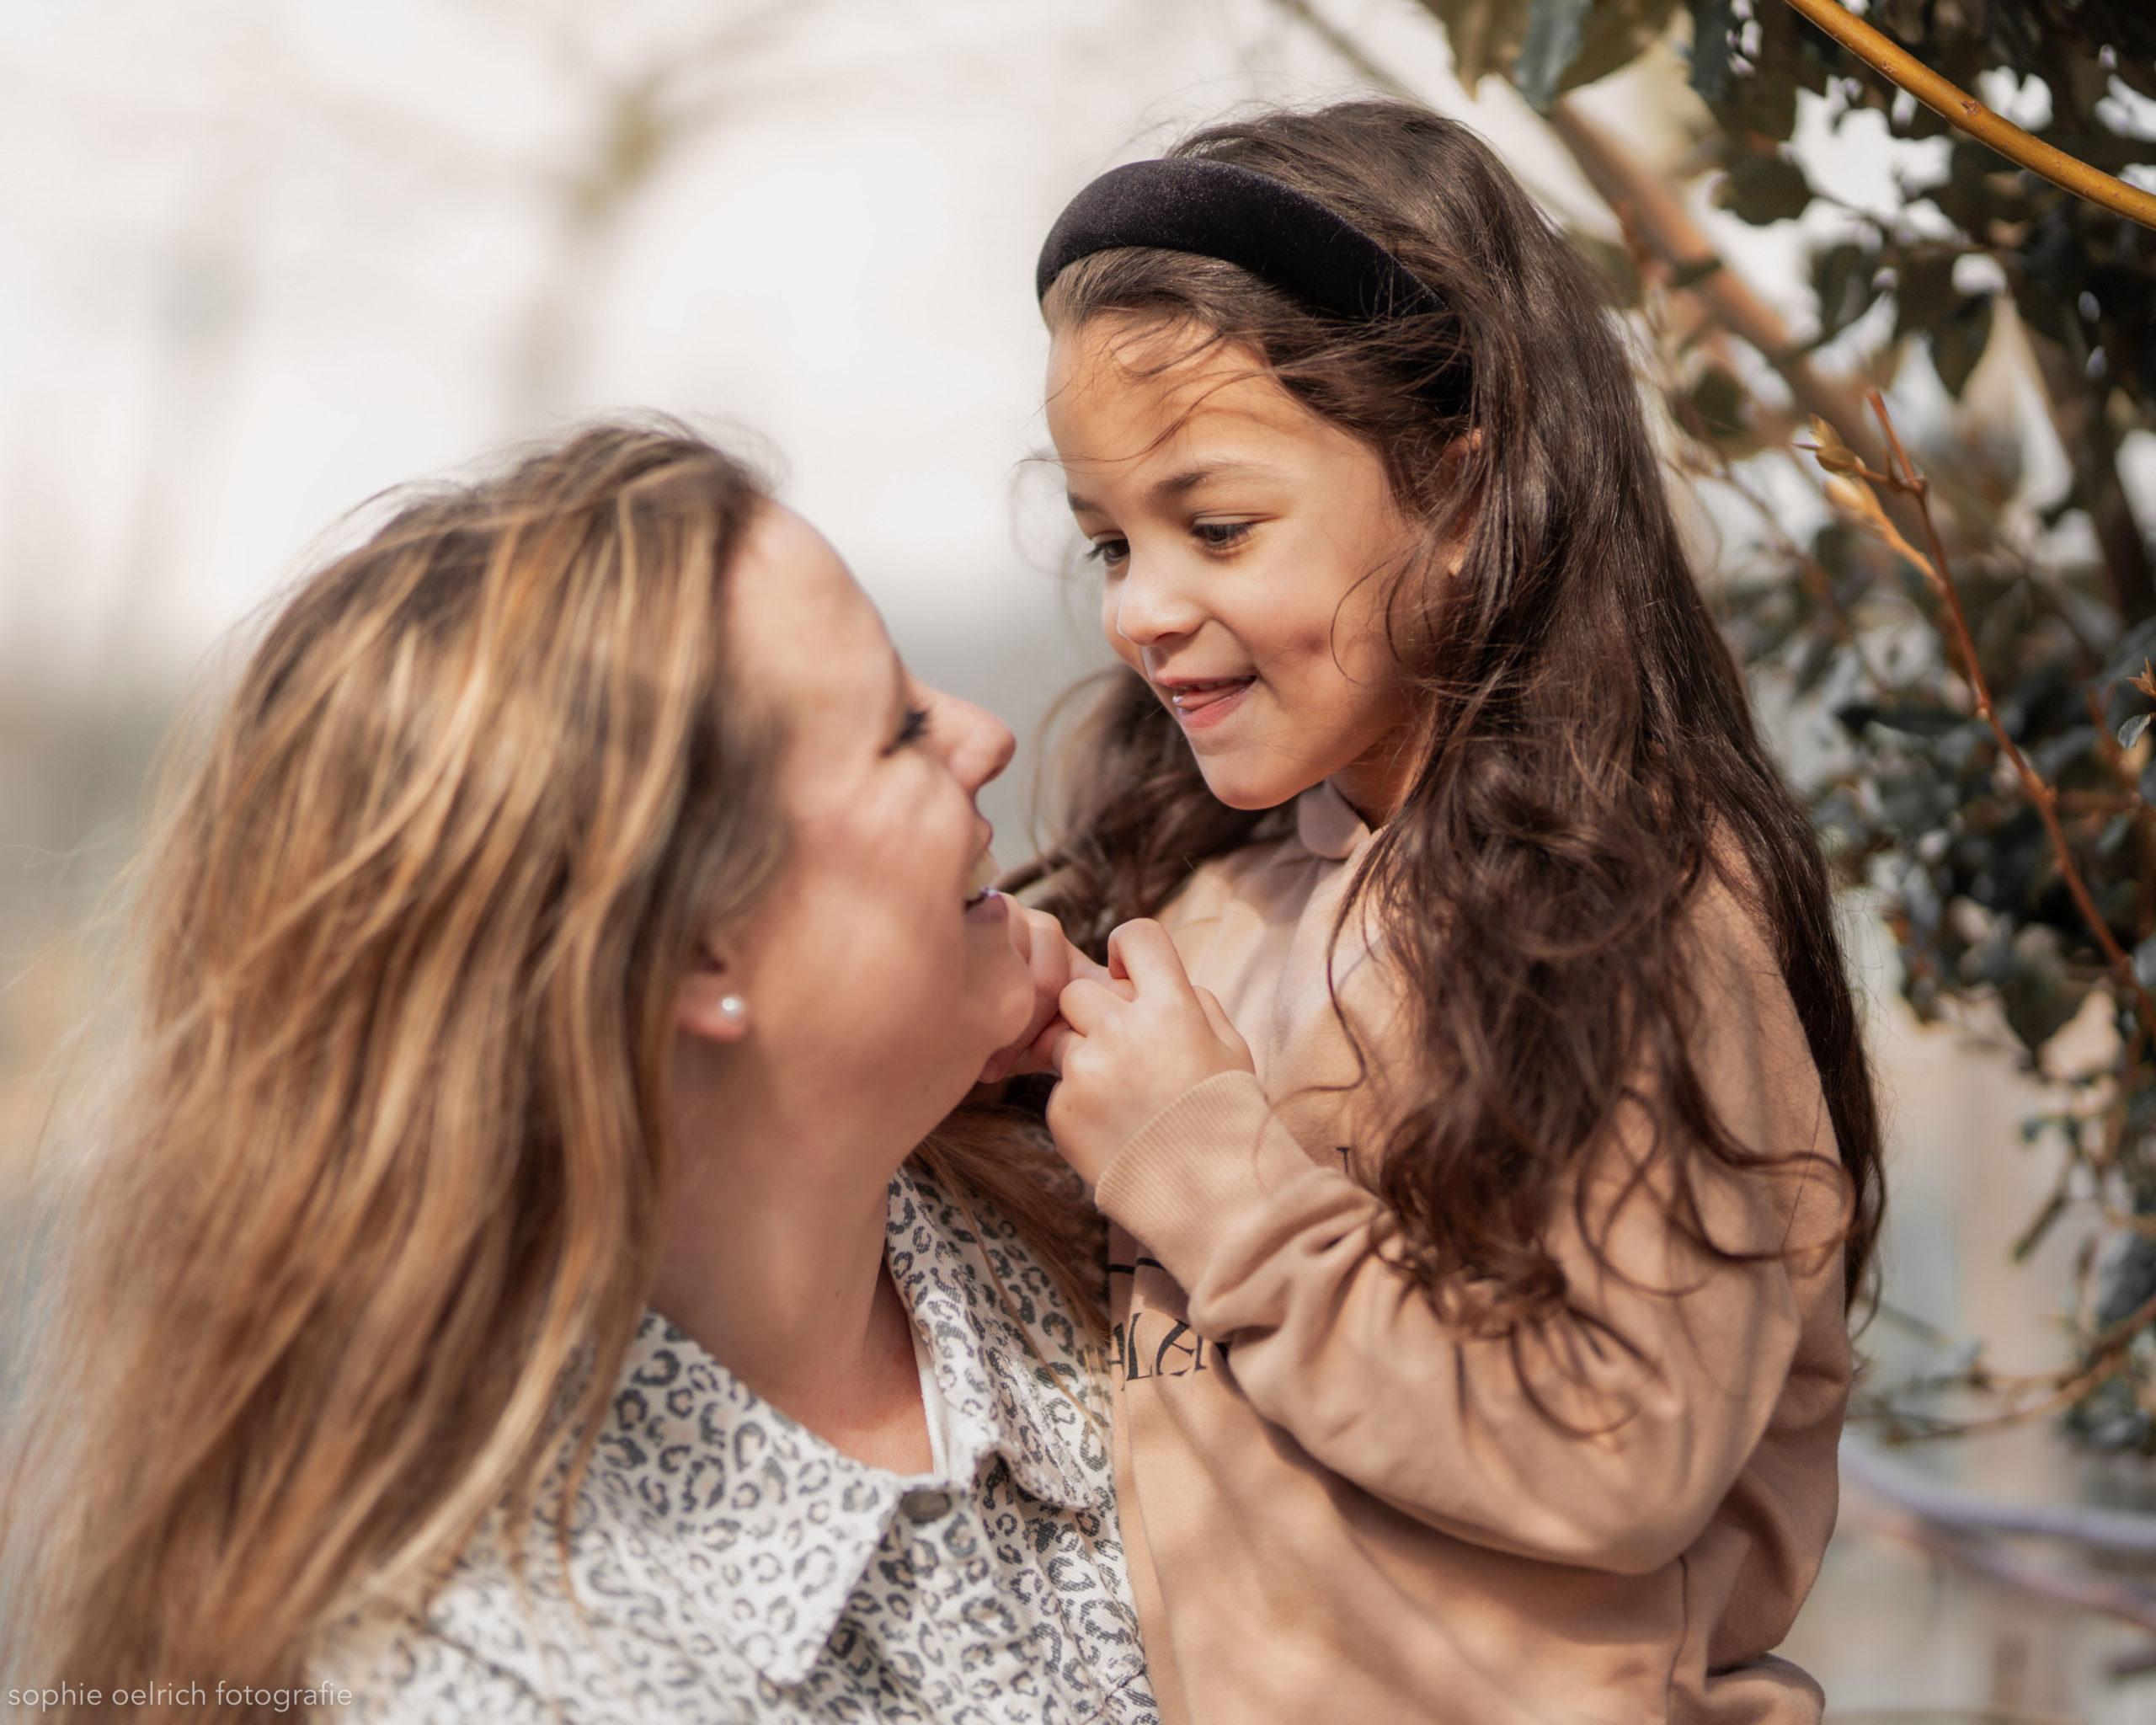 Er leven 1 op de 12 kinderen in Nederland in armoede. Nationaal fonds Kinderhulp schenkt Zomerpretpakketten om ook deze kinderen een leuke vakantie te bezorgen!